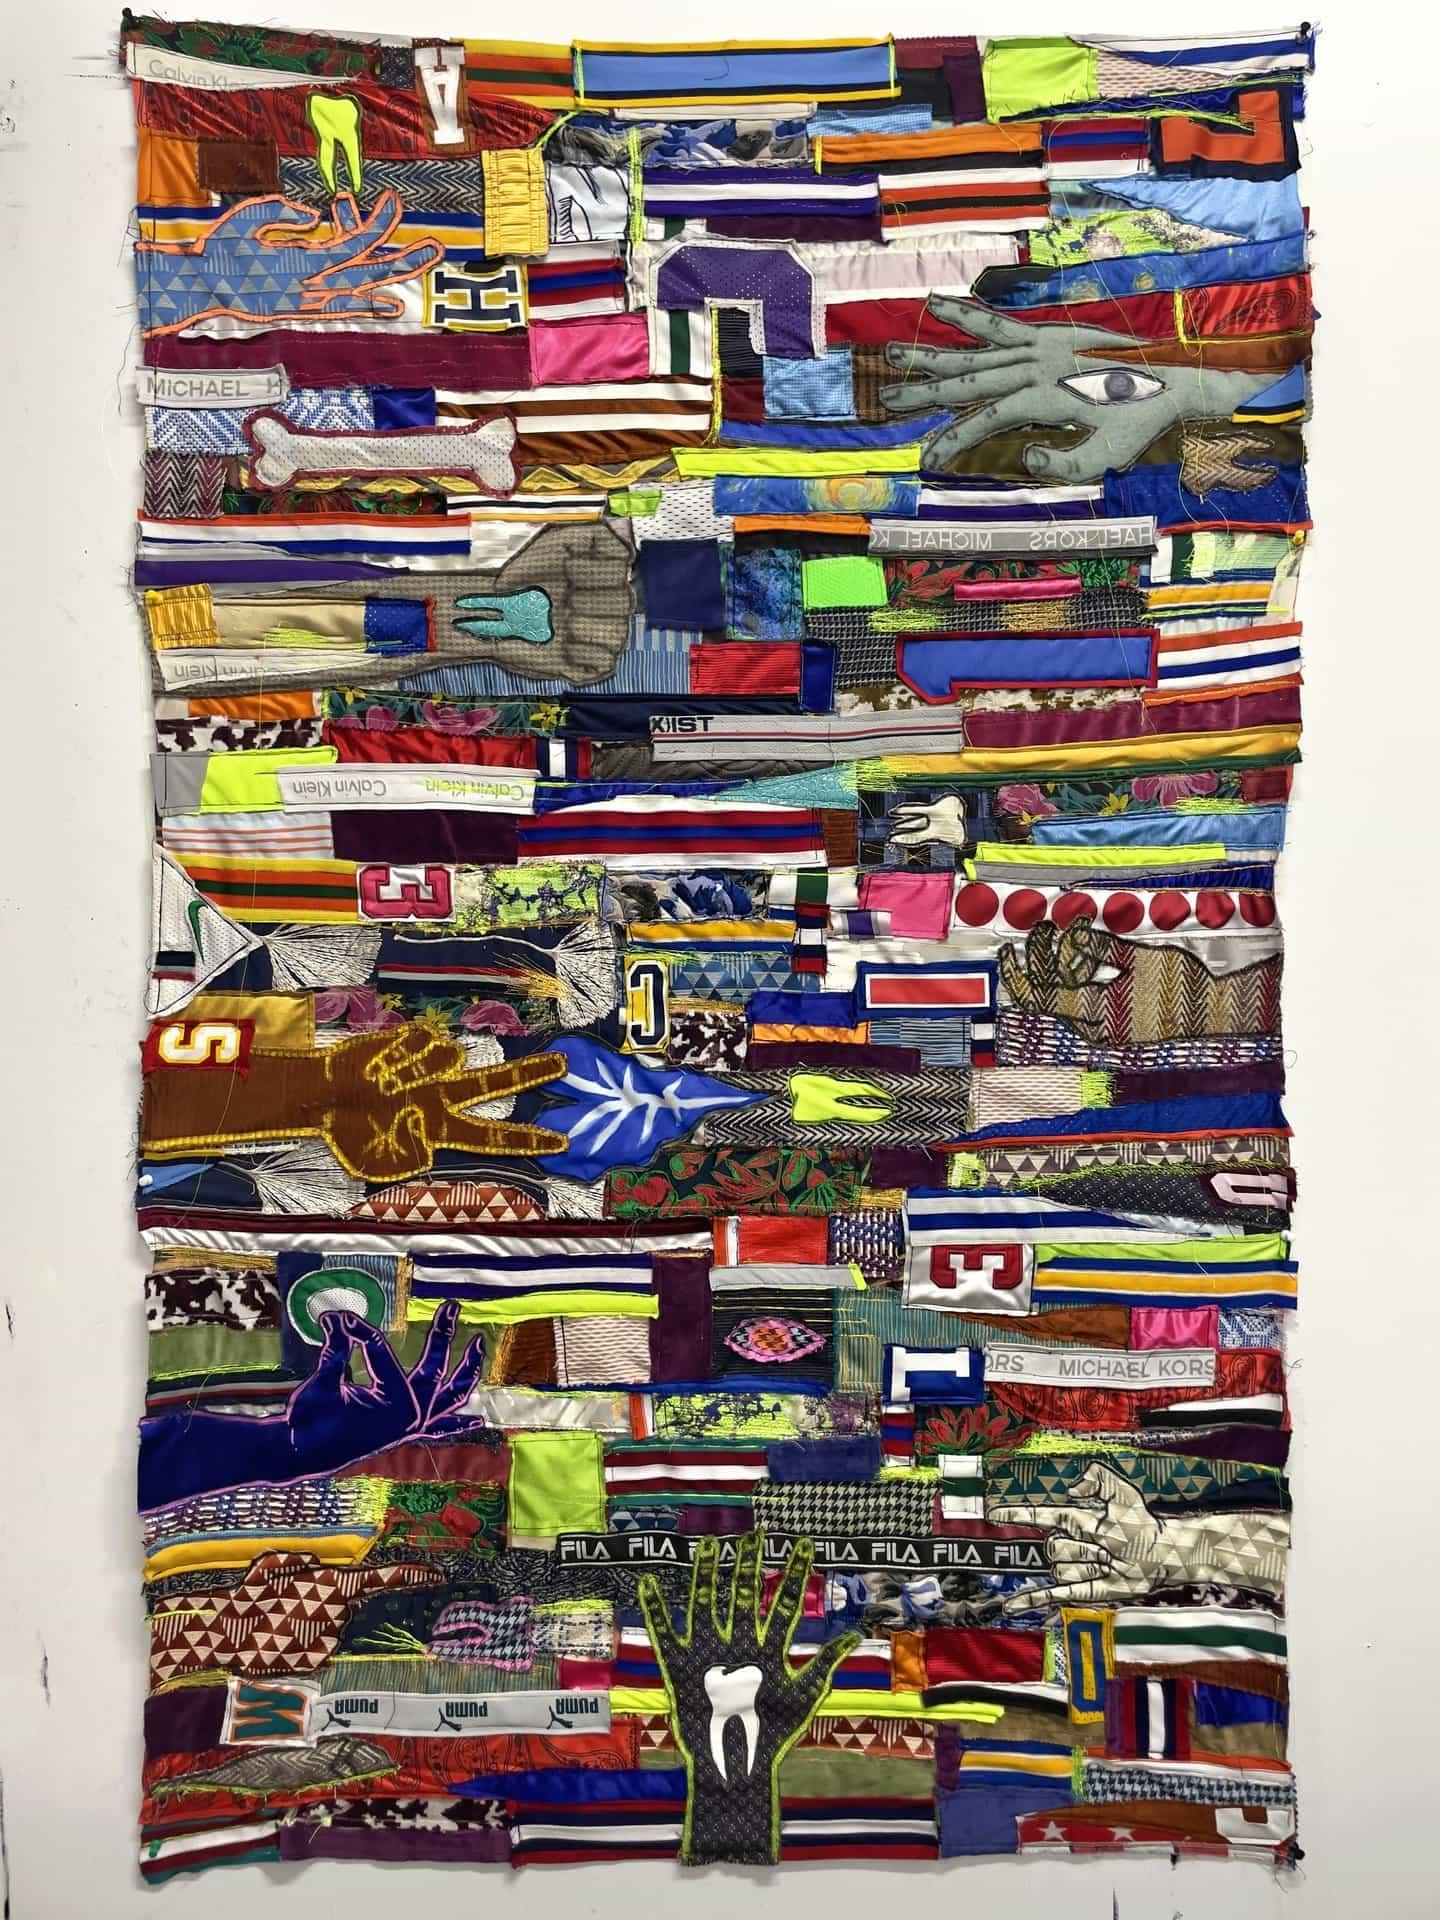 Brian Kenny: En conjunto, pancarta de medios mixtos, 59 x 37 1/4 pulgadas (Copyright © Brian Kenny, 2021)